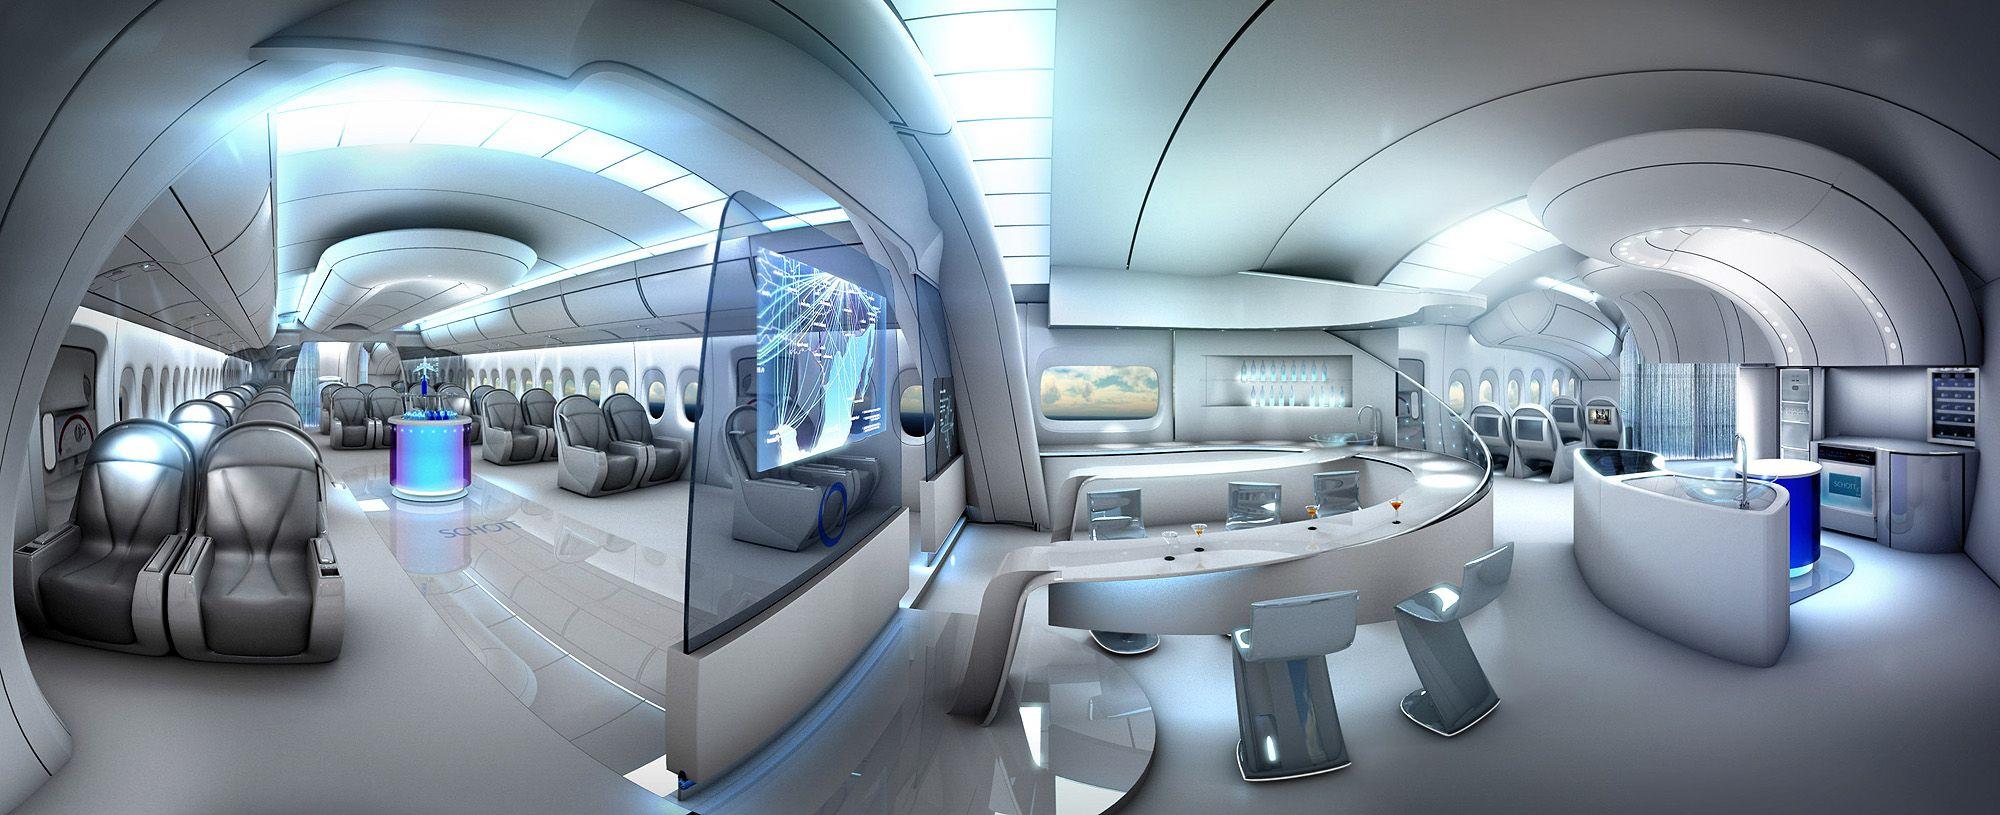 Aviation, airplane interior | Airplane Crazy | Pinterest ...